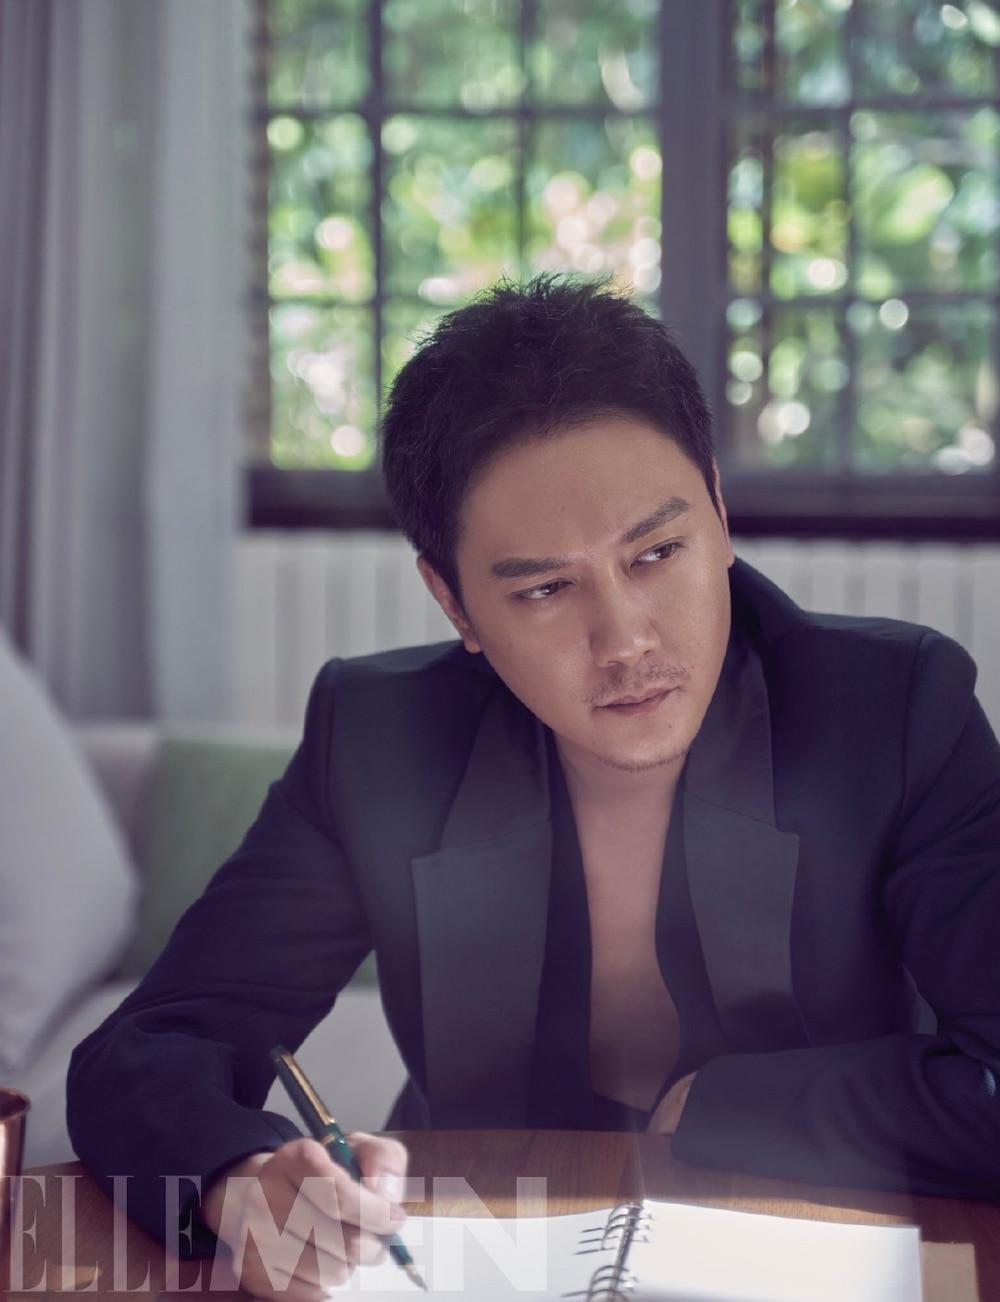 Kết hôn xong có nhiều thay đổi: Phùng Thiệu Phong trông như cha của nữ chính trong loạt ảnh hậu trường Ảnh 9